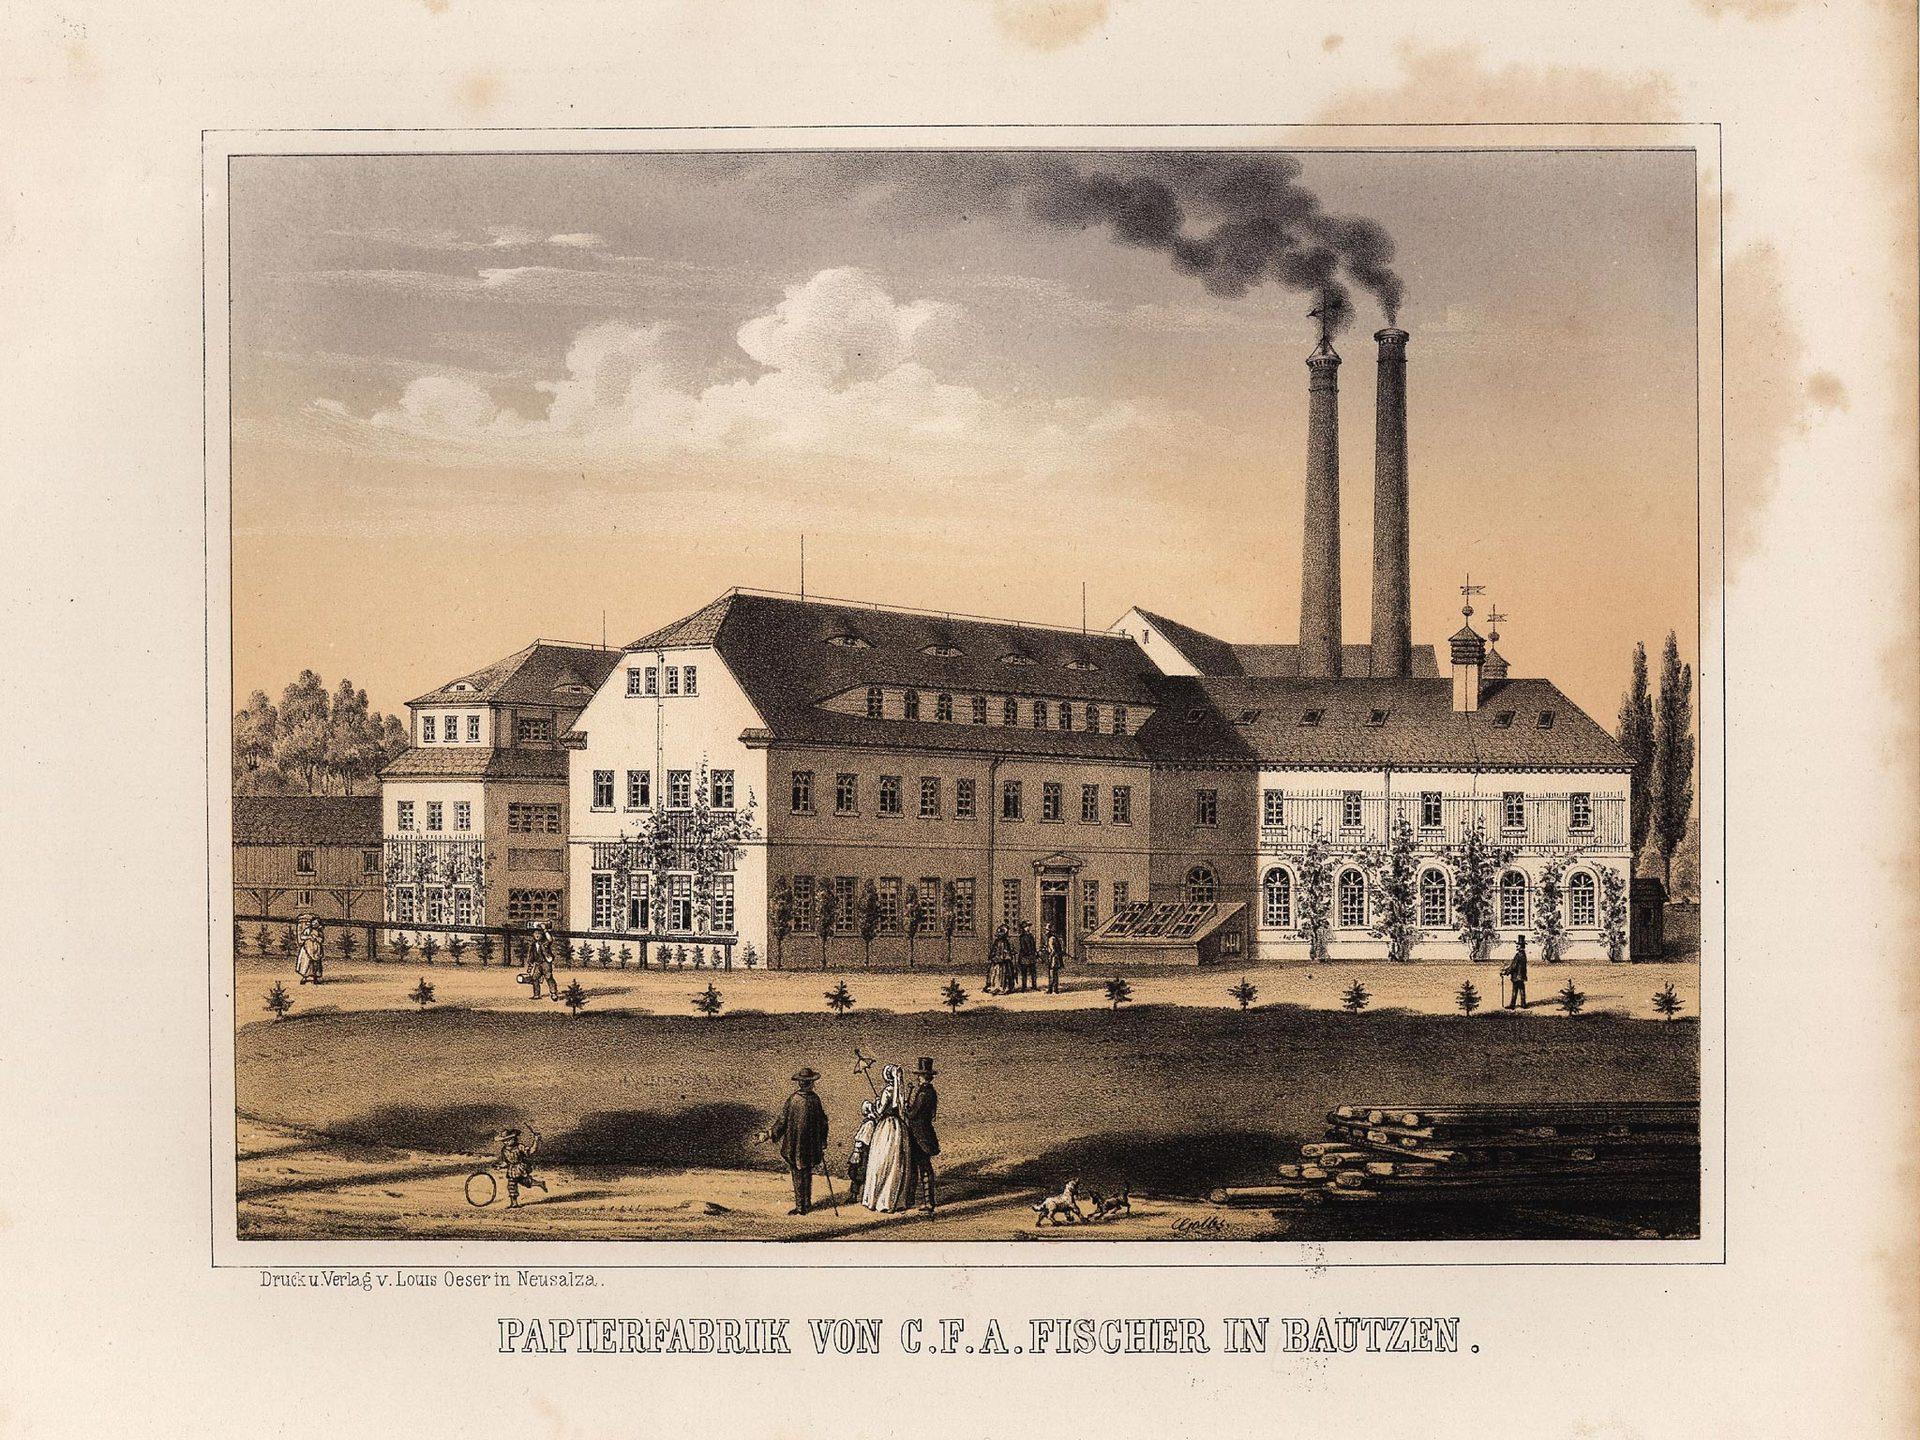 Papierfabrik von C. F. A. Fischer in Bautzen